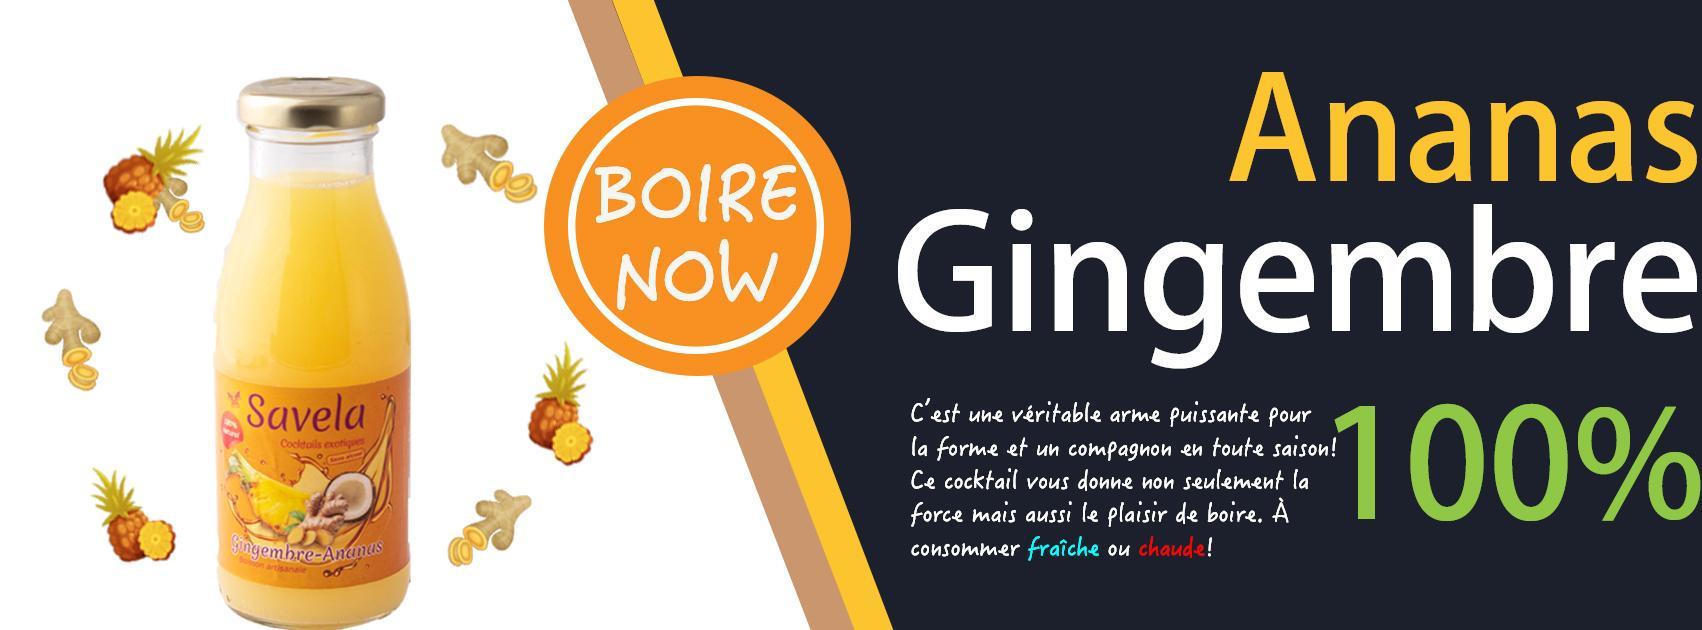 Gingembre-Ananas